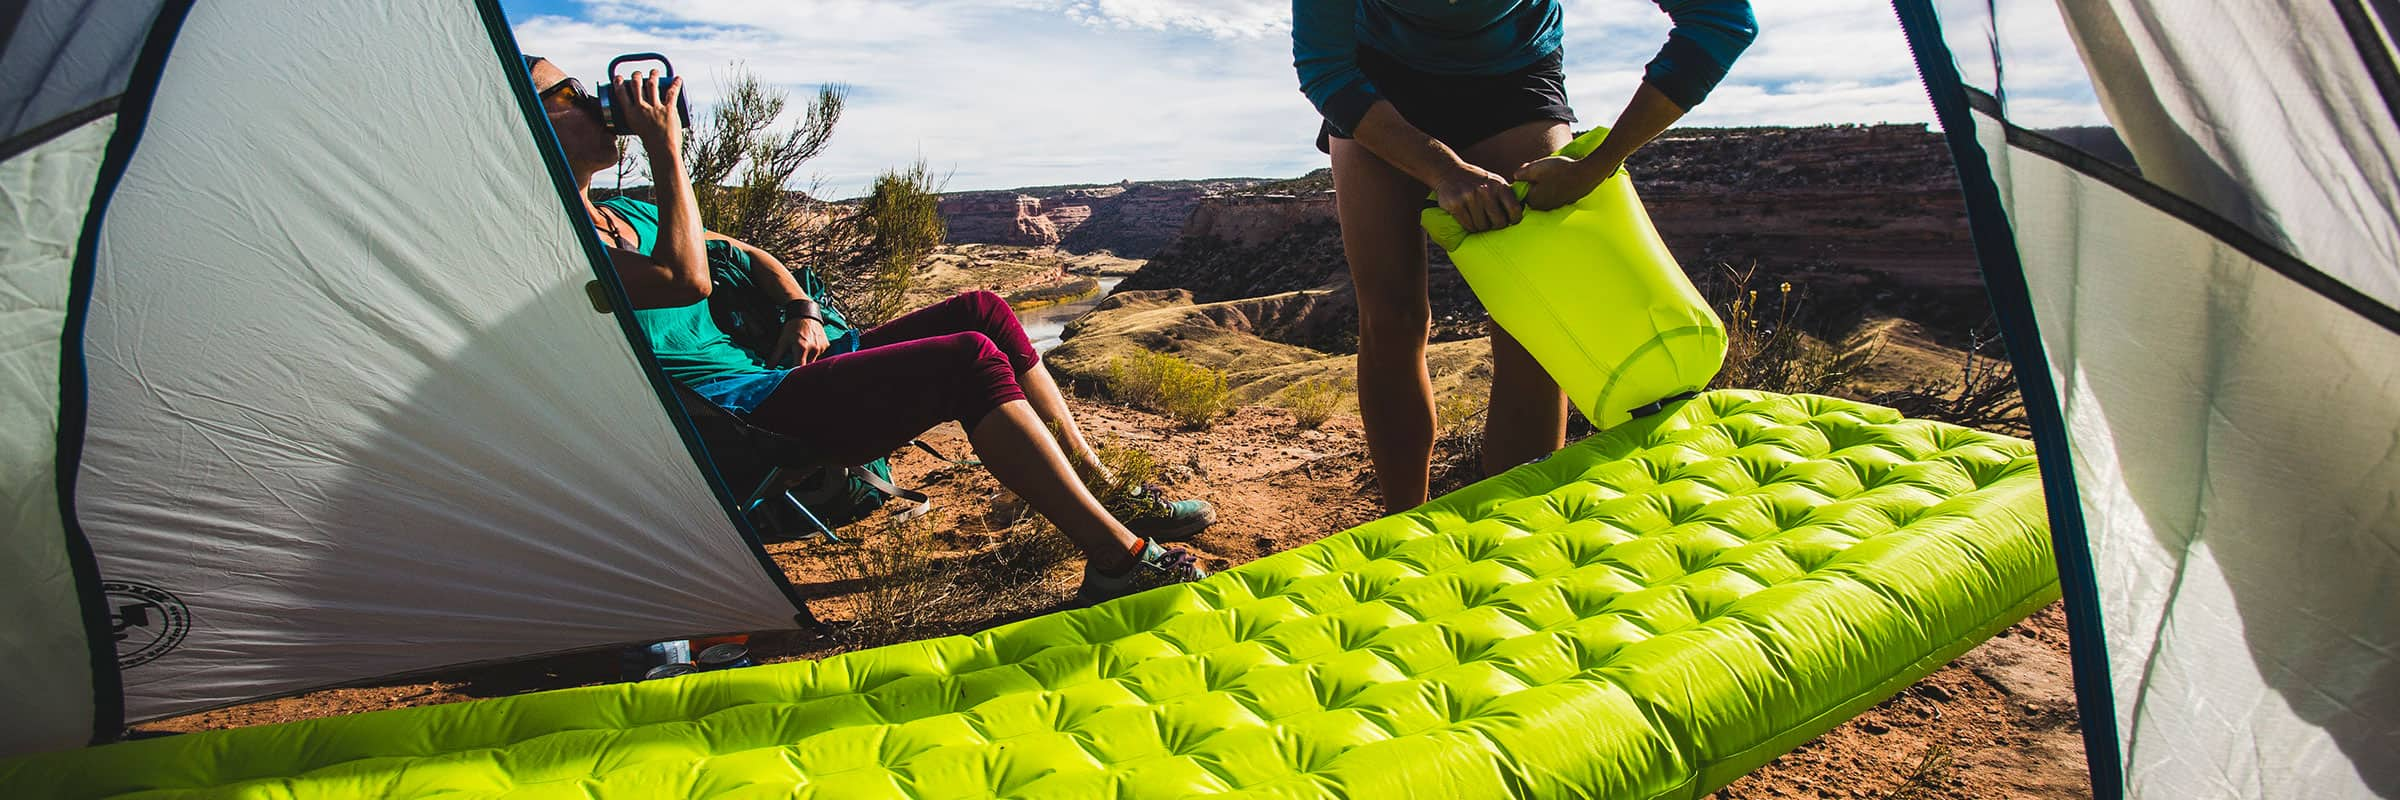 Big Agnes, Camping, NEMO Equipment, Therm-a-Rest. Les meilleurs matelas de sol pour une sortie de camping réussie